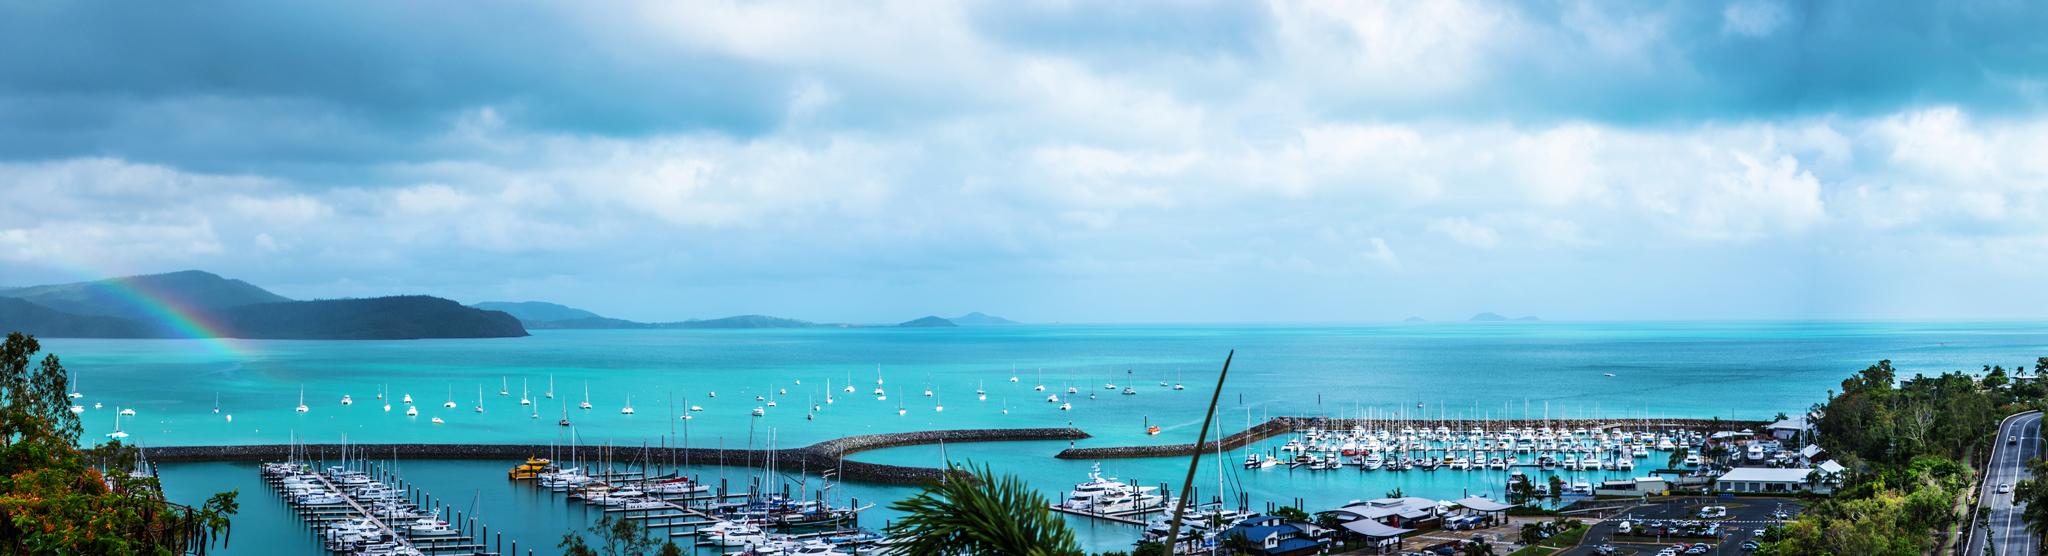 Whitsunday Islands, Australia (Image by   Summit + Co  )